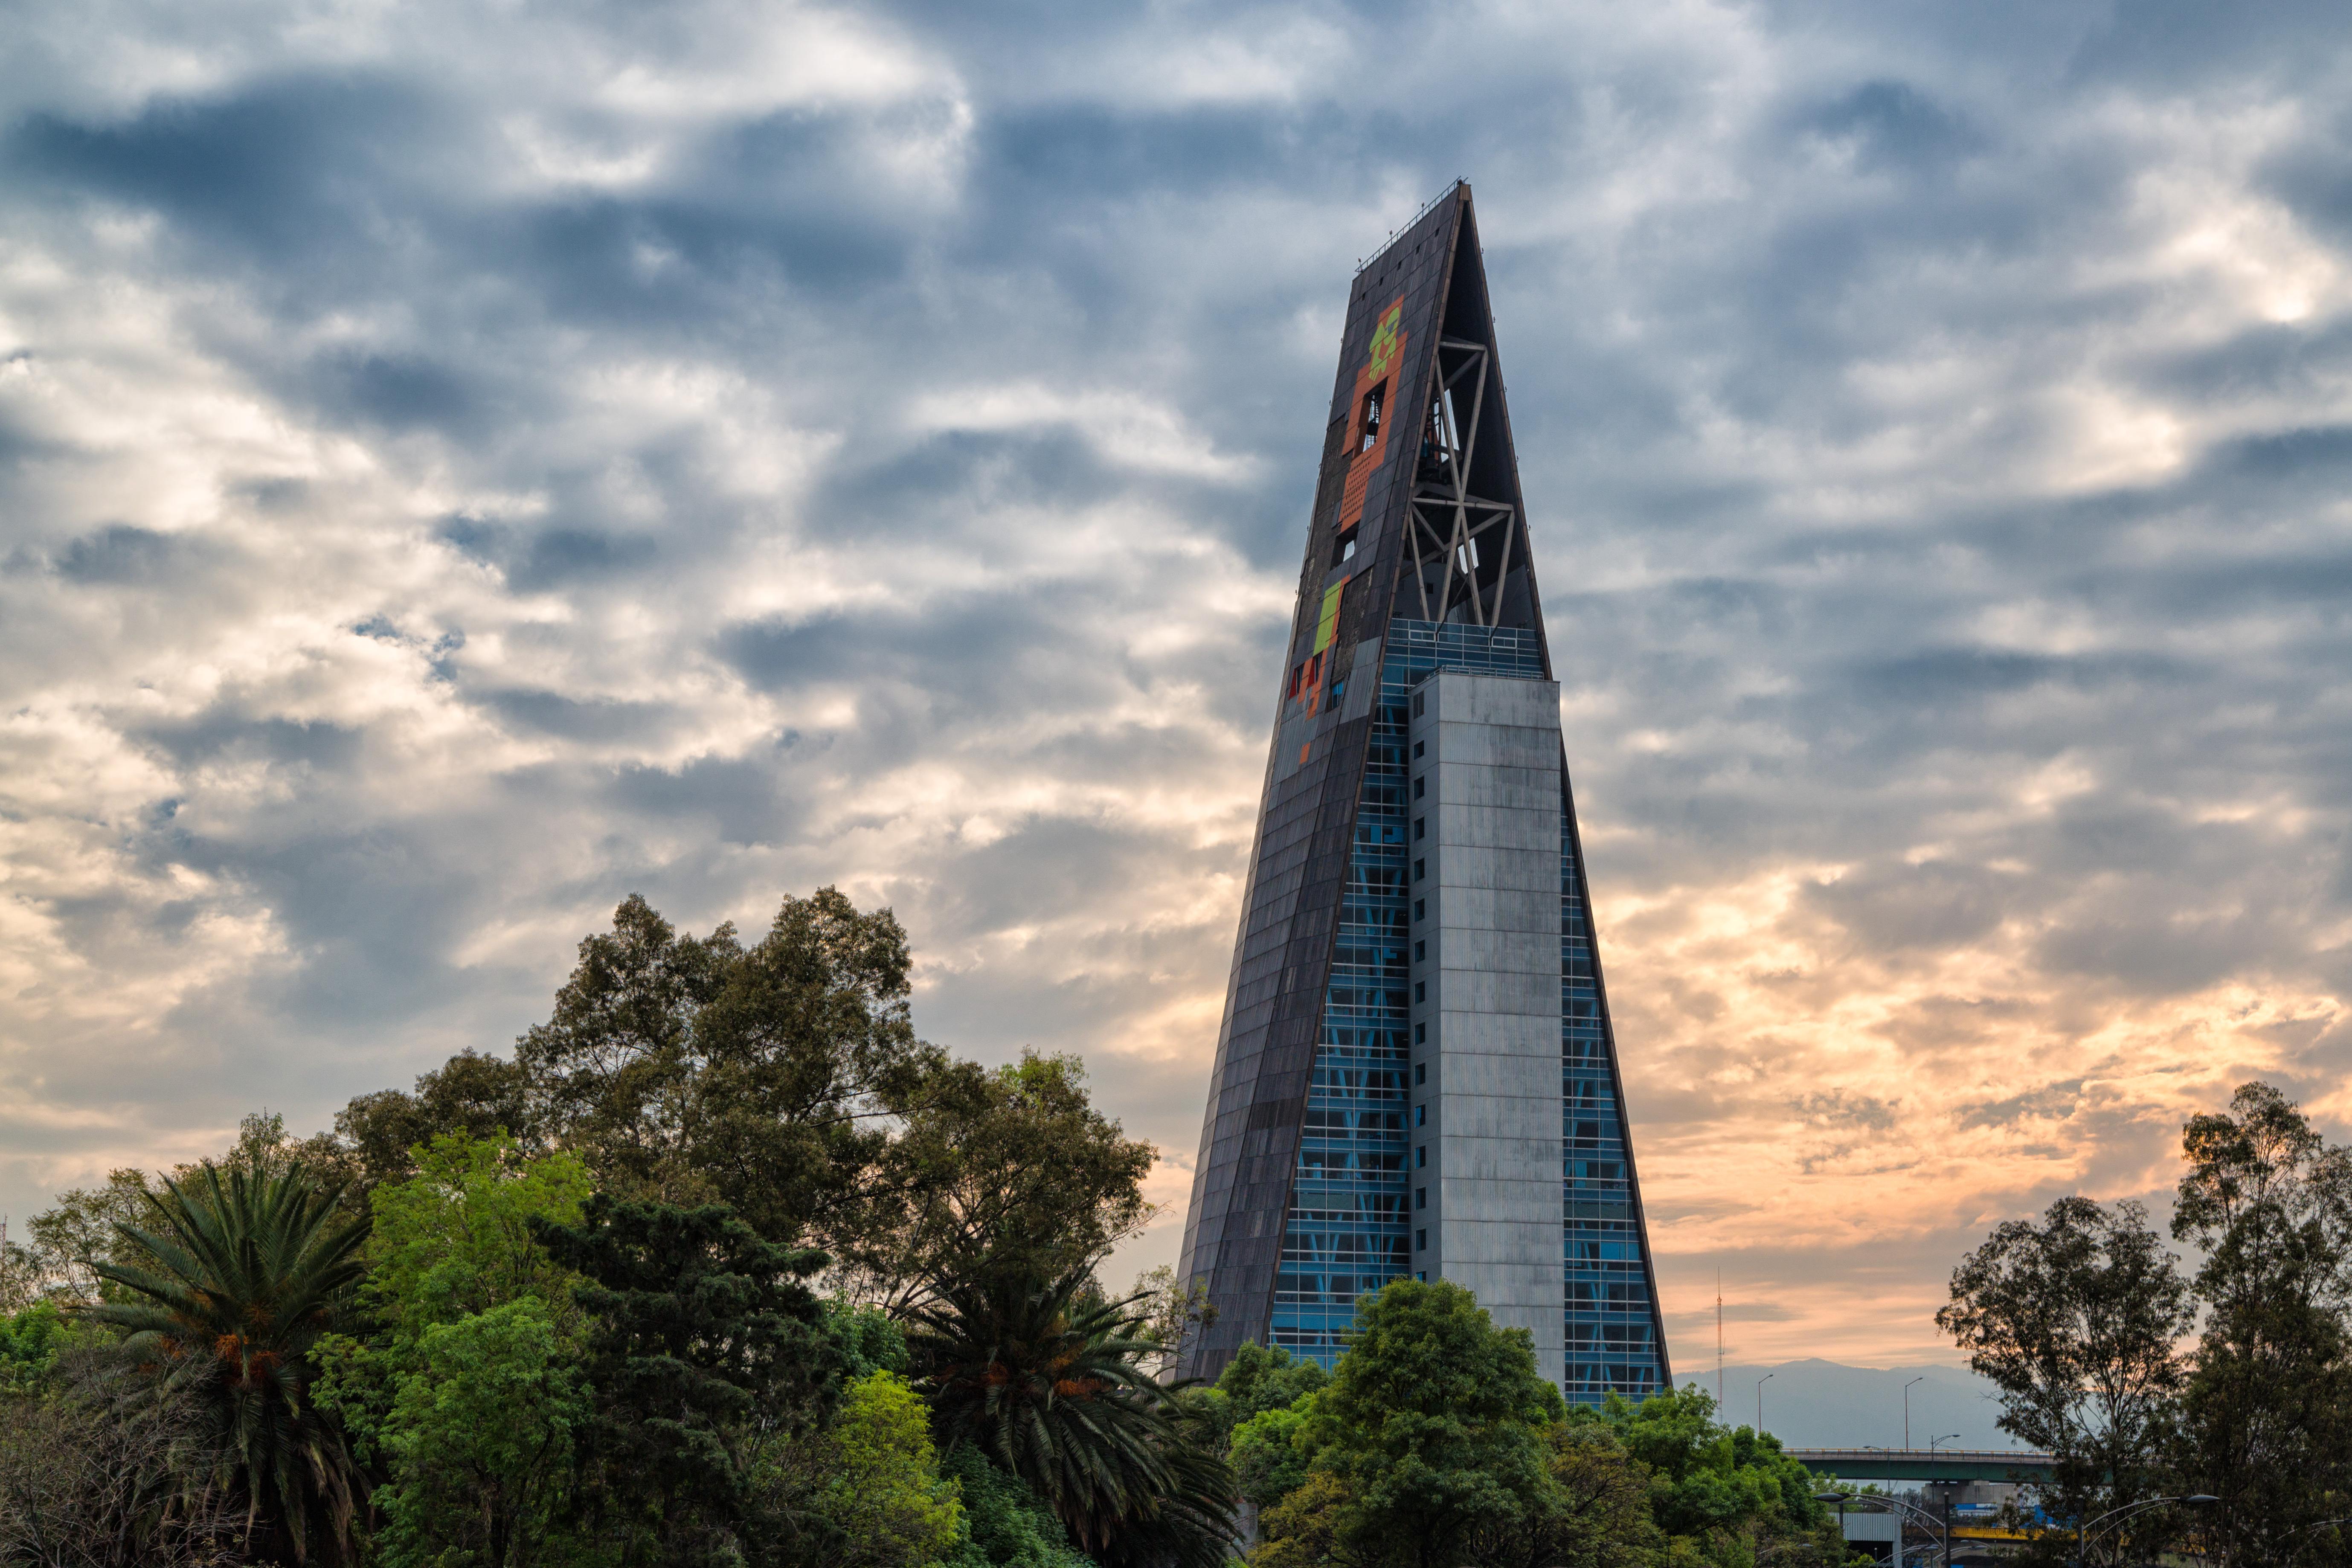 torre insignia